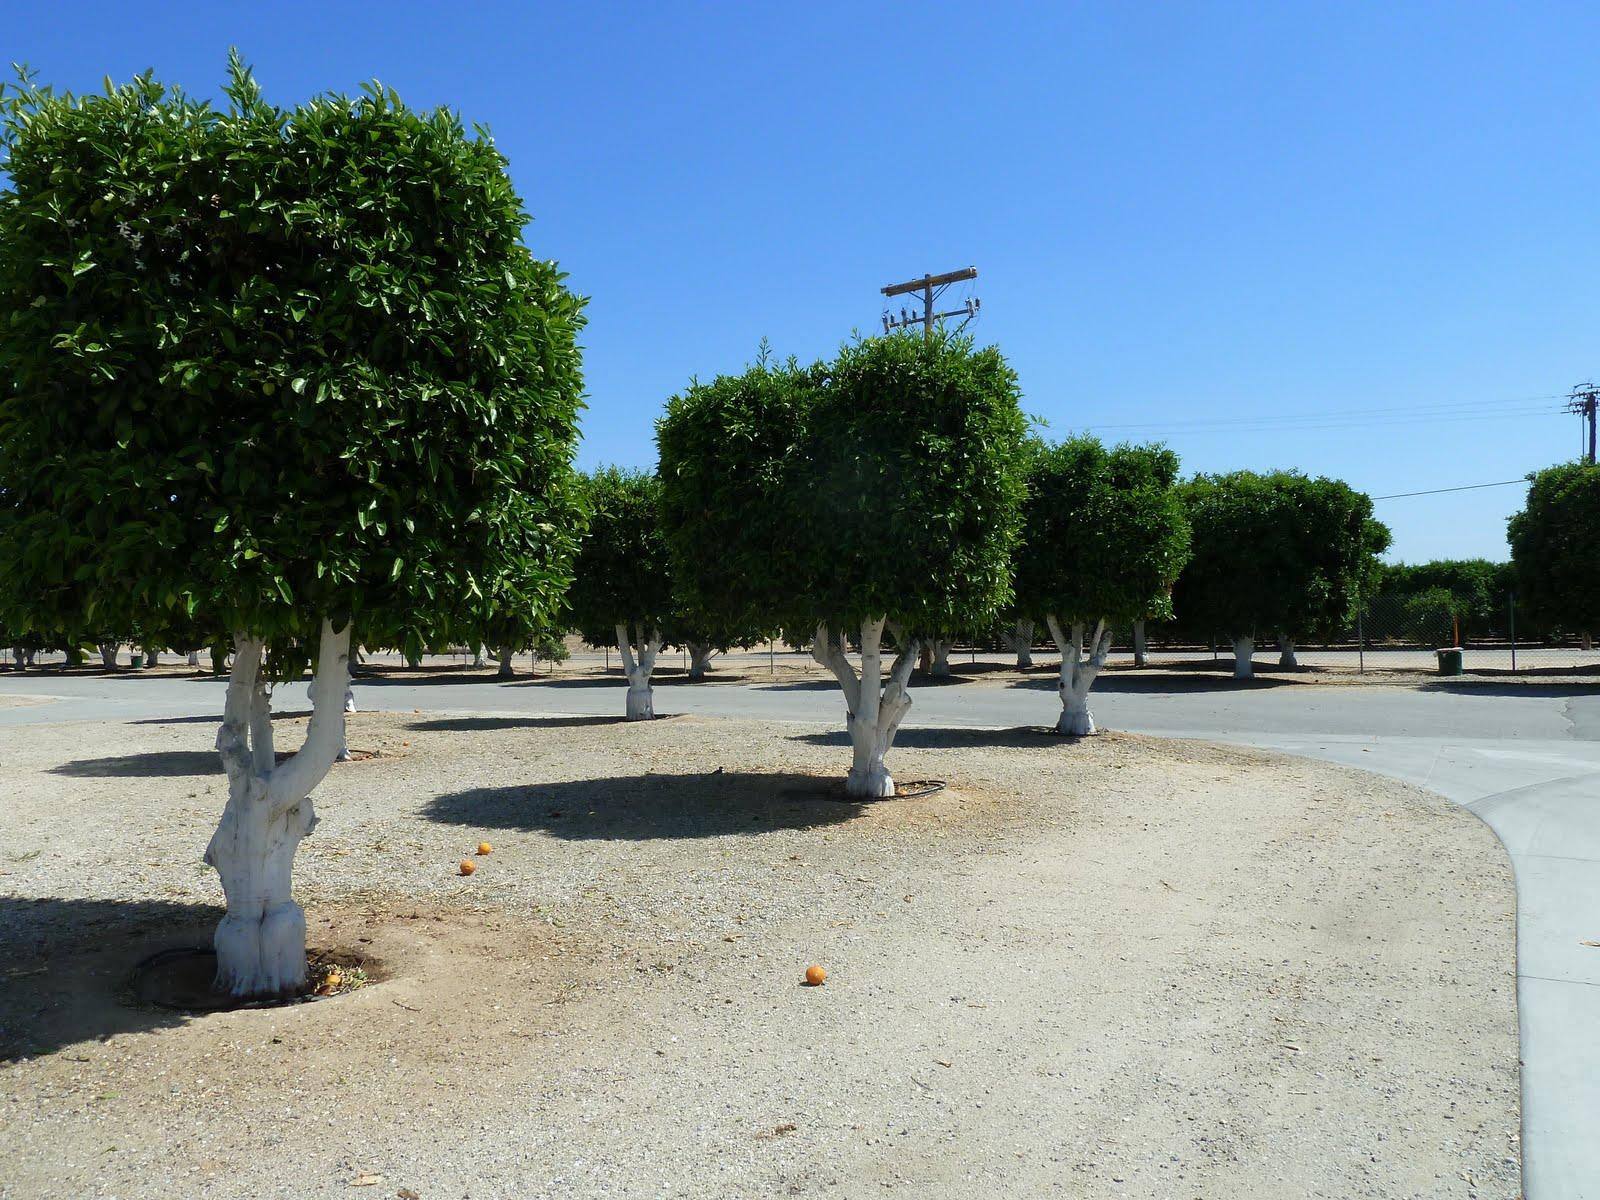 Where S Eldo 04 01 2011 05 01 2011